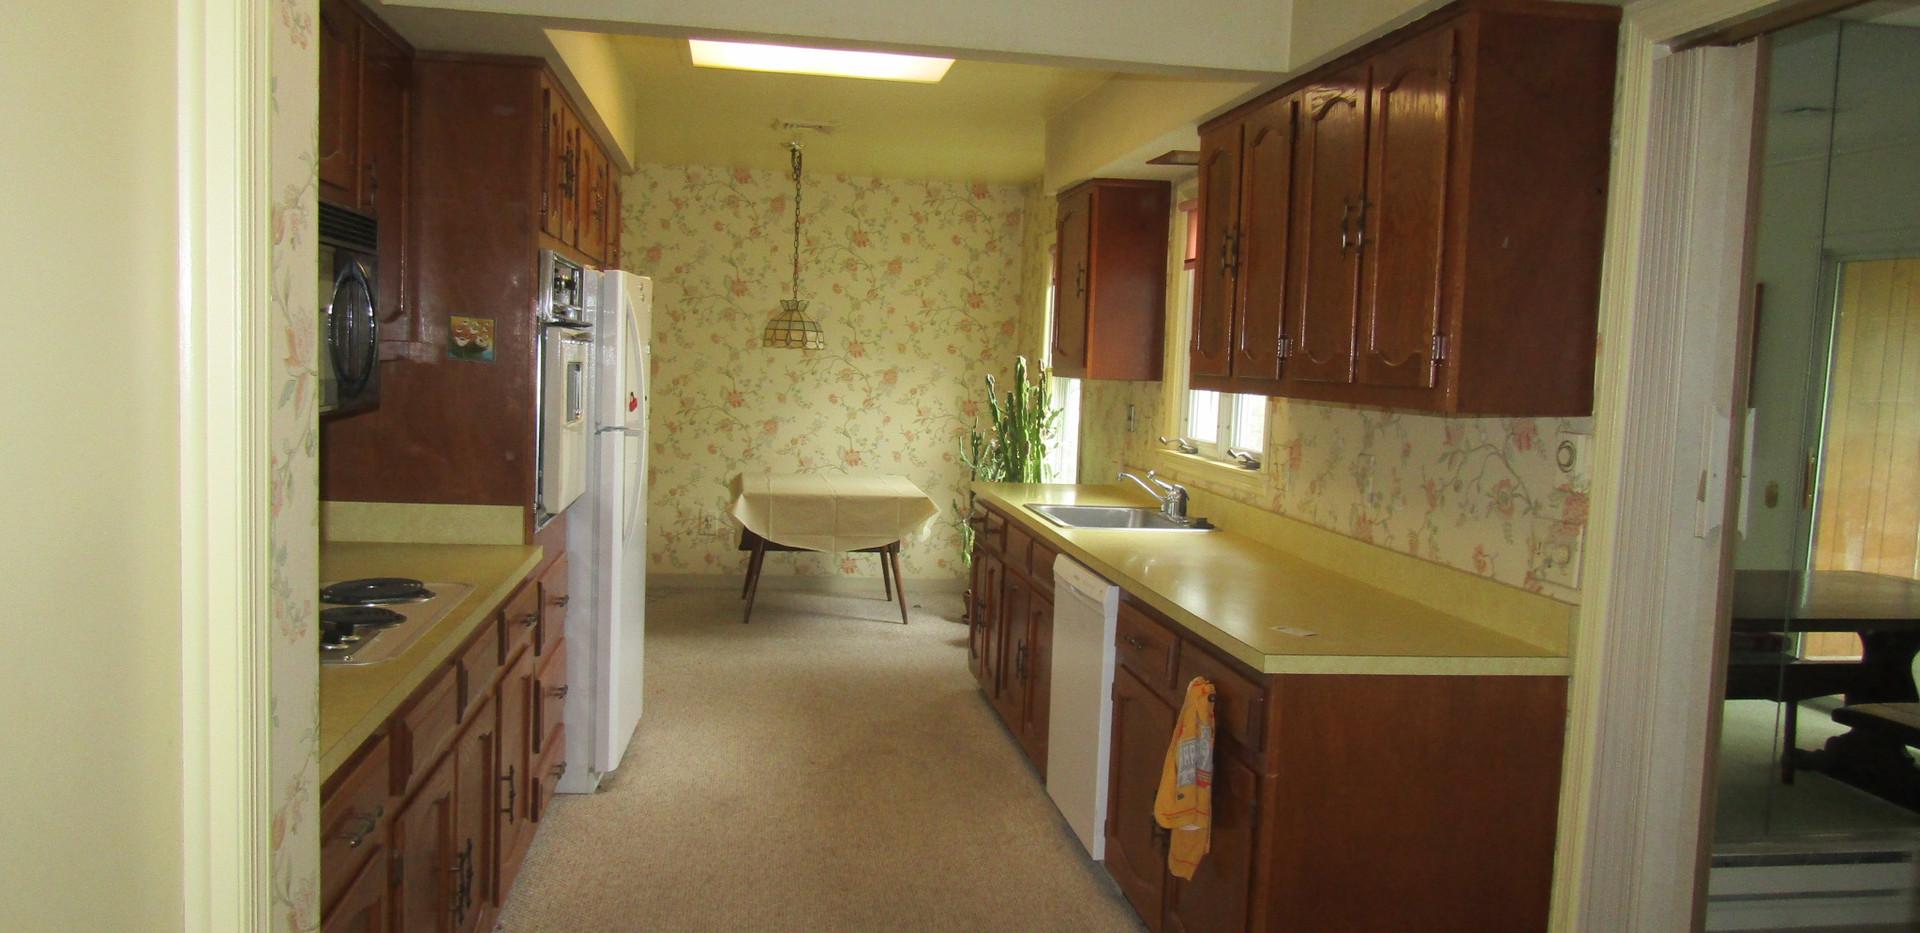 405-B kitchen.JPG